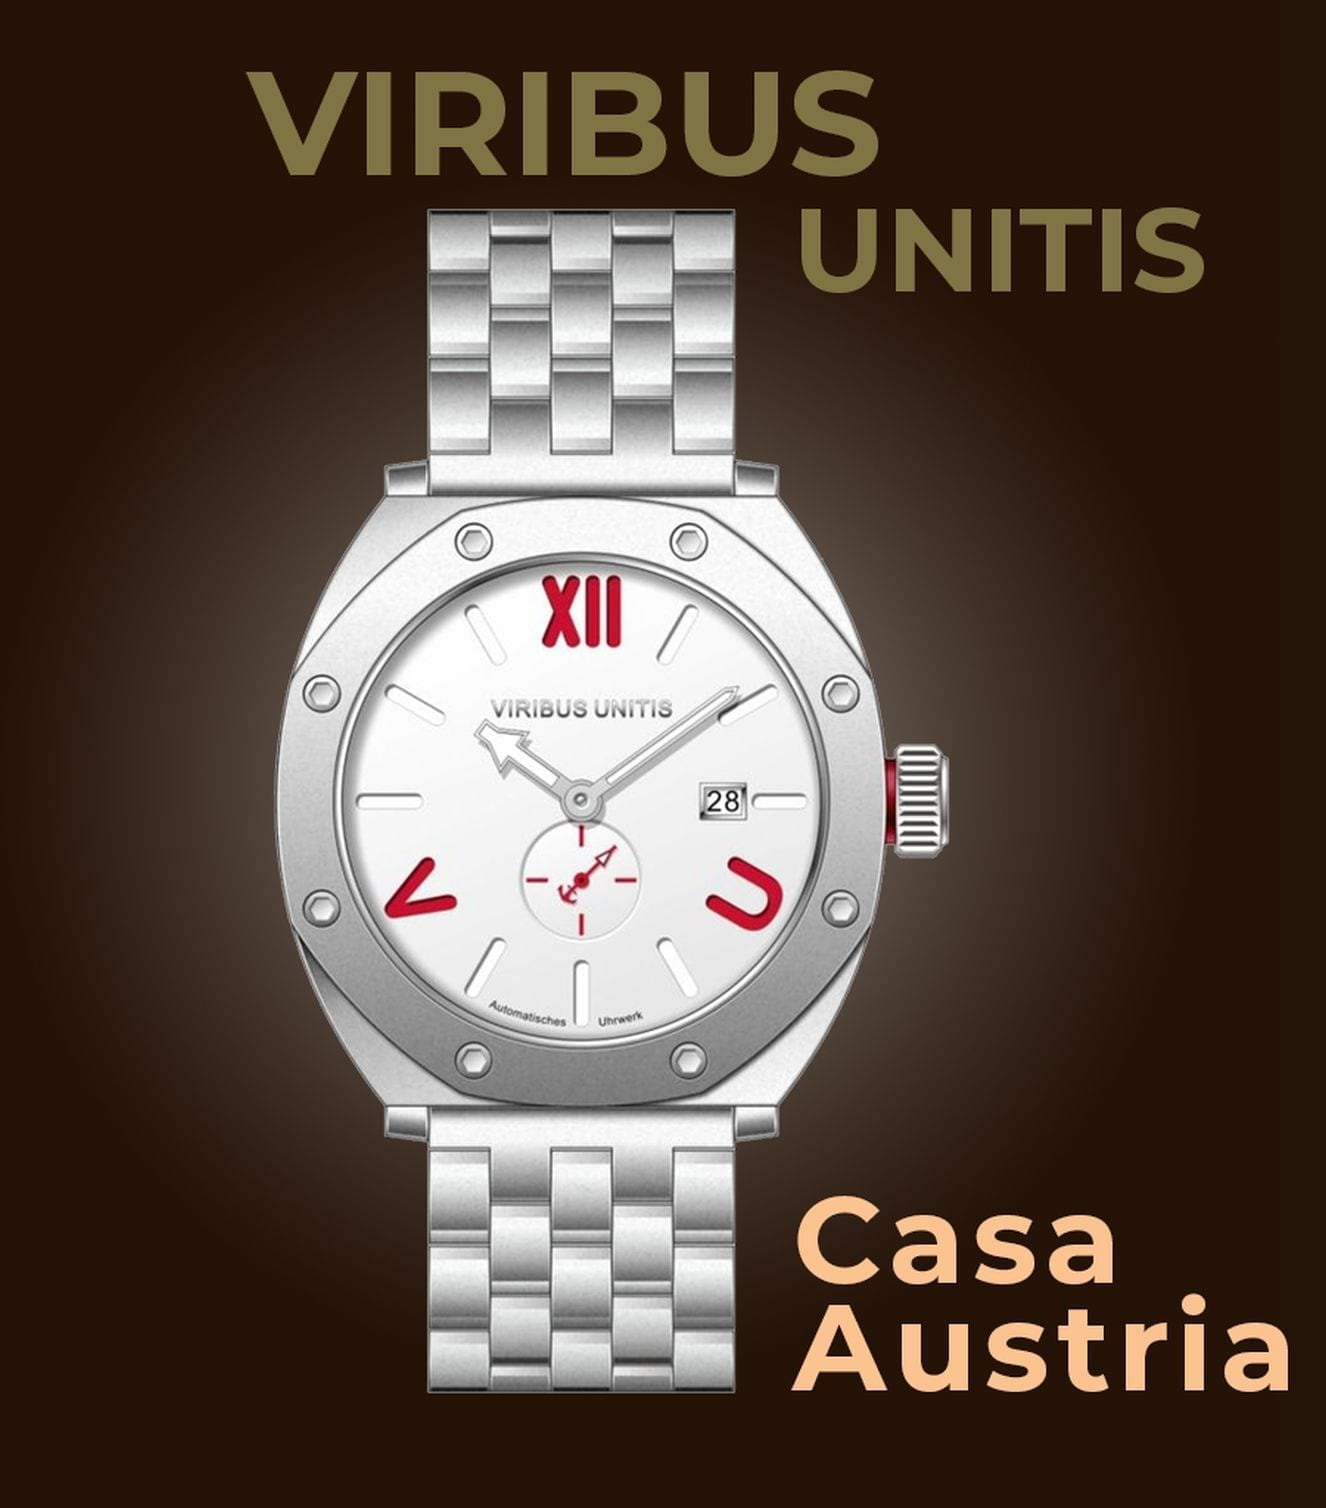 Viribus Unitis Watches Casa Austria Uhr